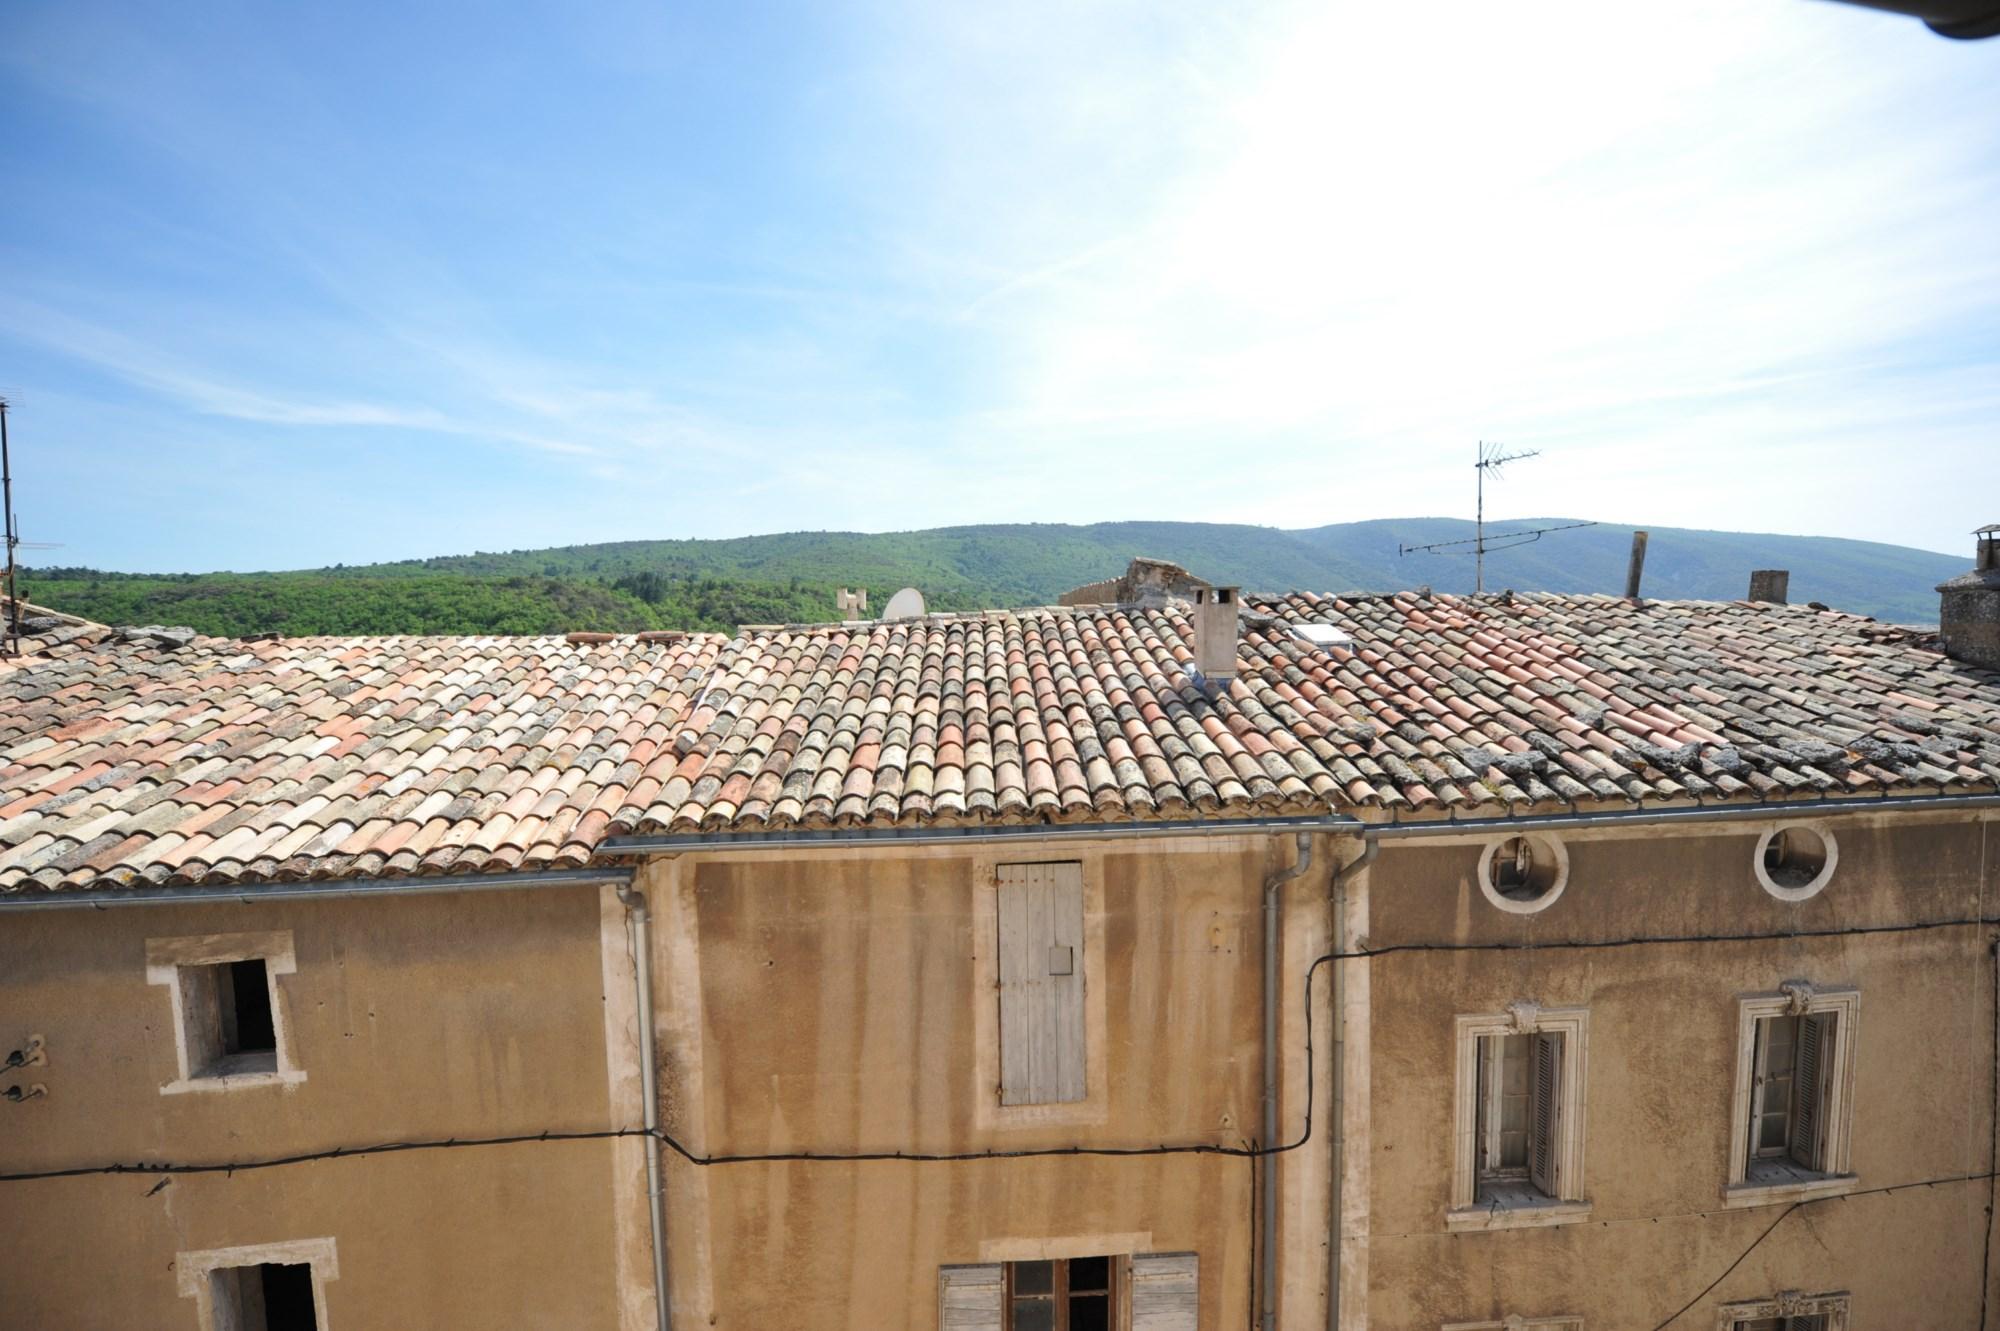 Au coeur de l'un des plus prestigieux villages perchés du Luberon, maison de village rénovée à vendre. Idéal pour créer un emplacement commercial